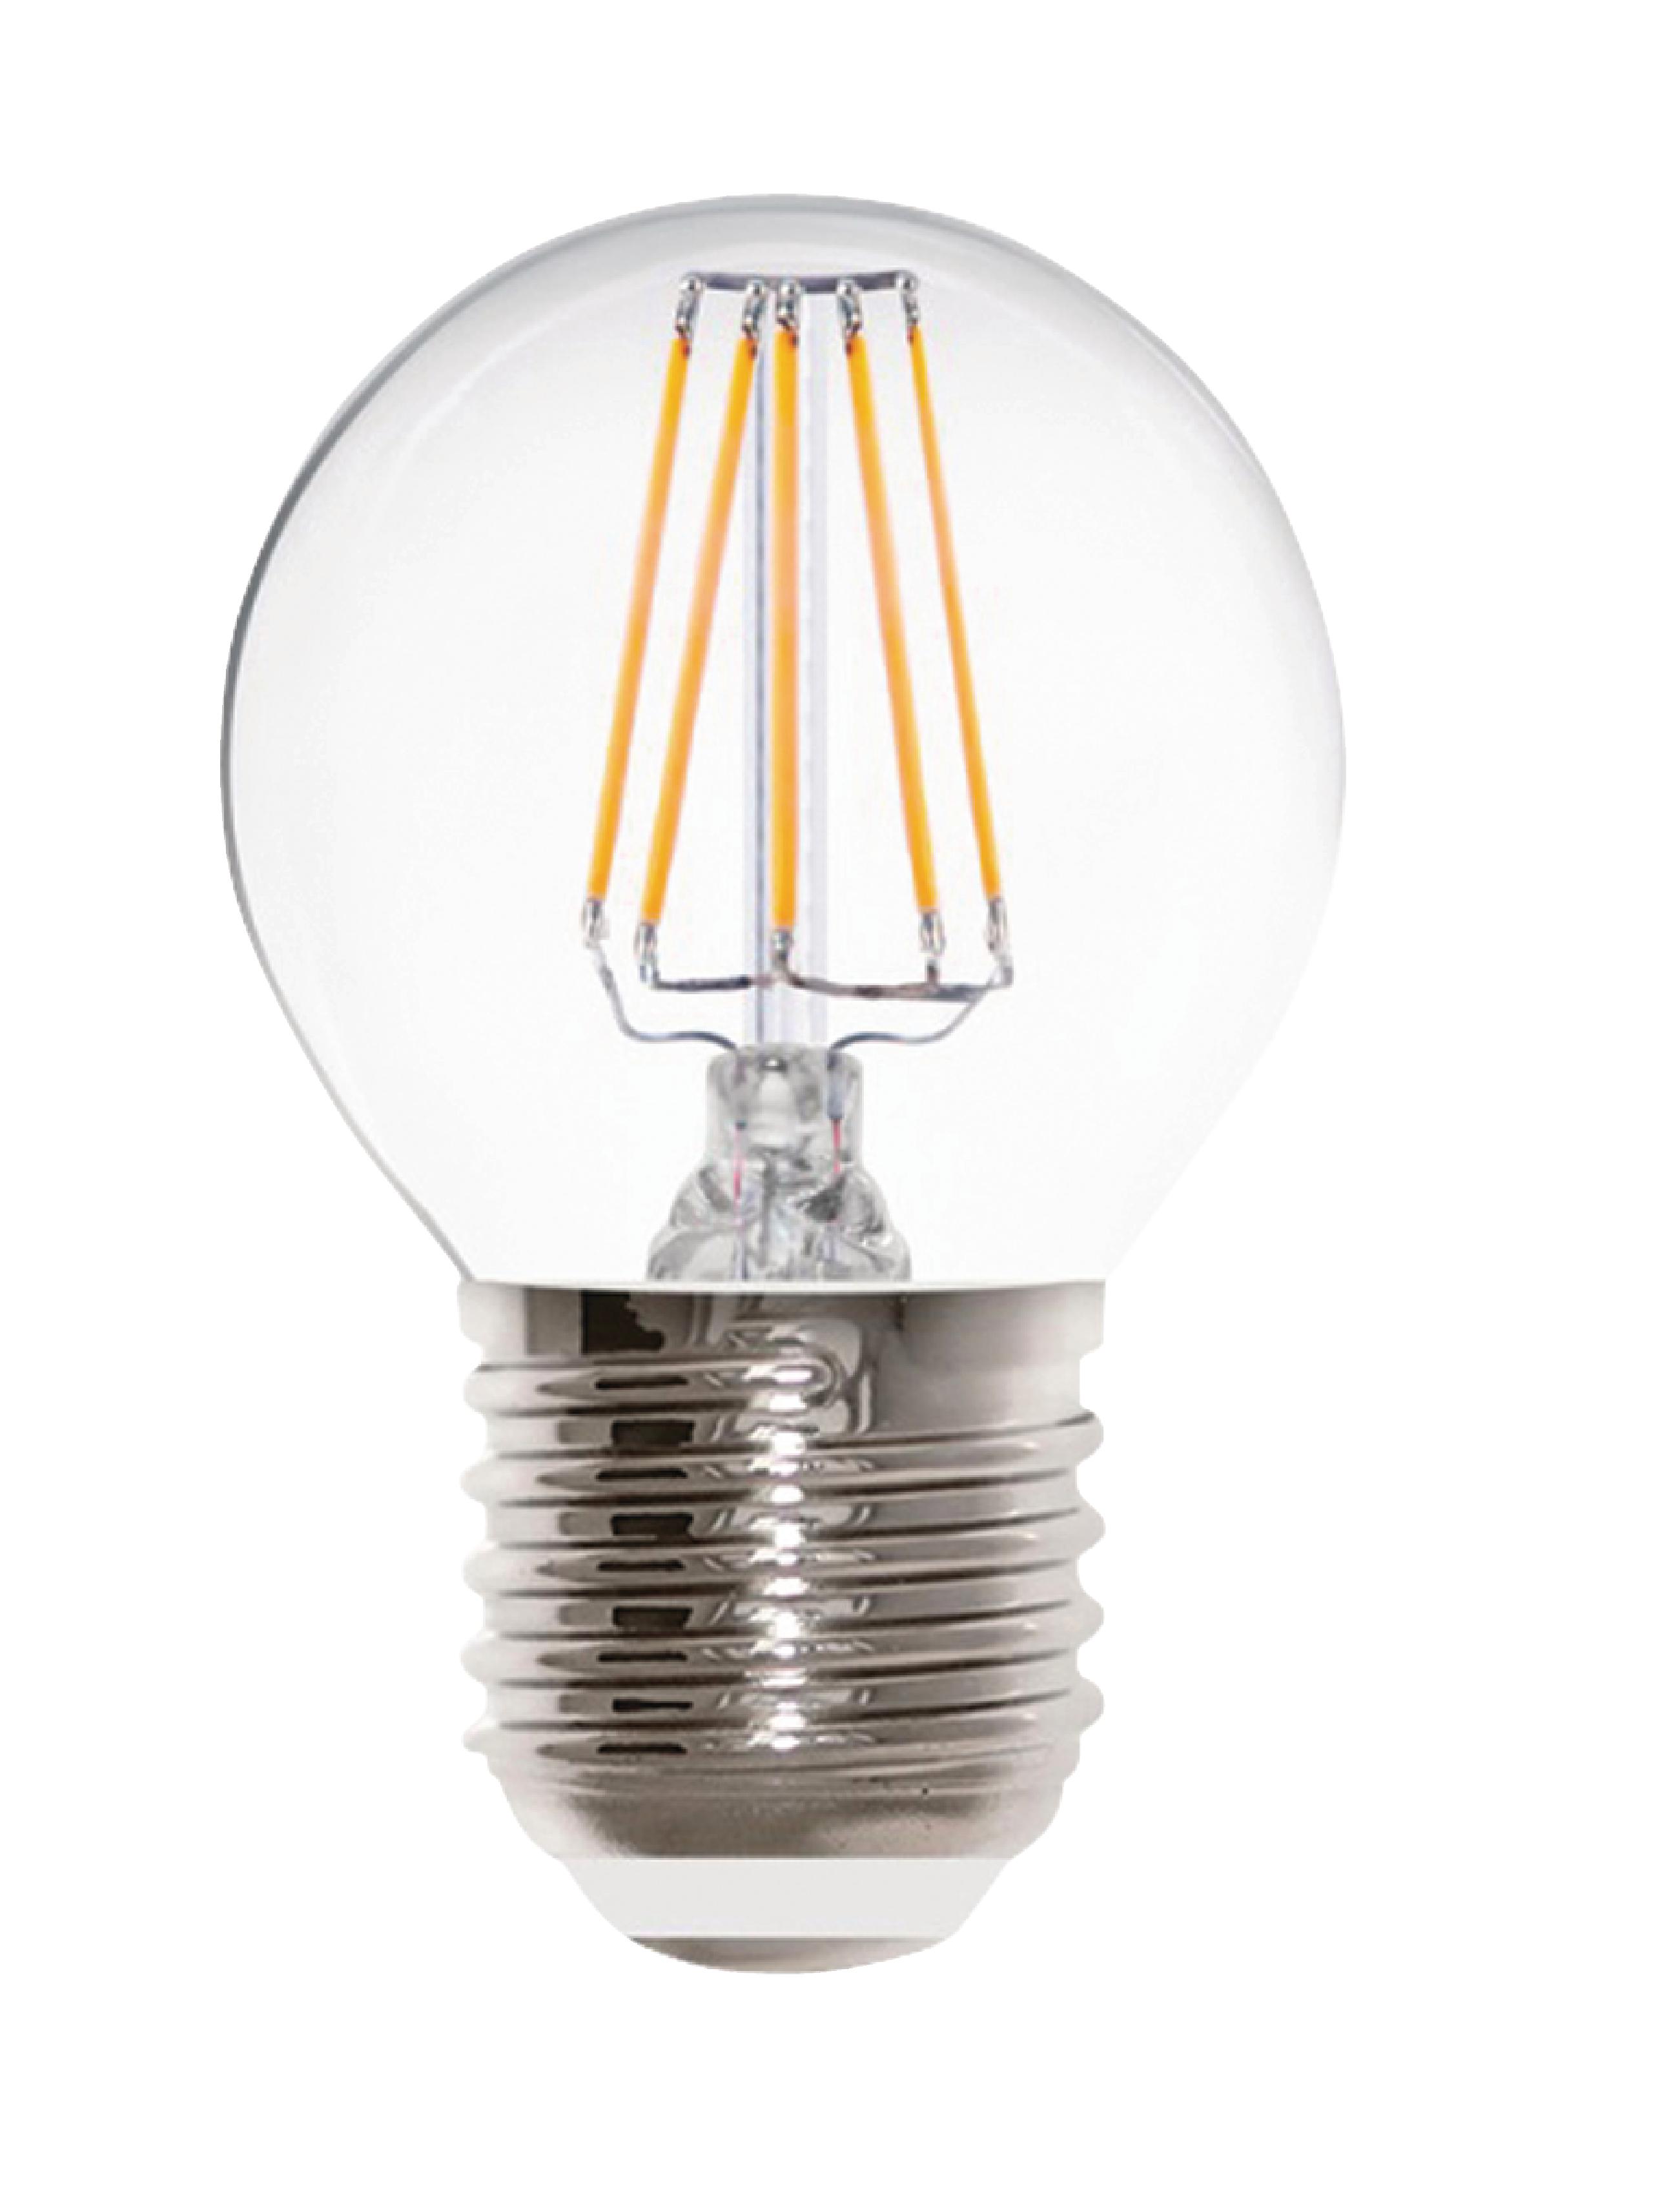 Century Bombilla globo LED, 4?W, base E27, color 2700K?, m?s de 20.000 horas de duraci?n